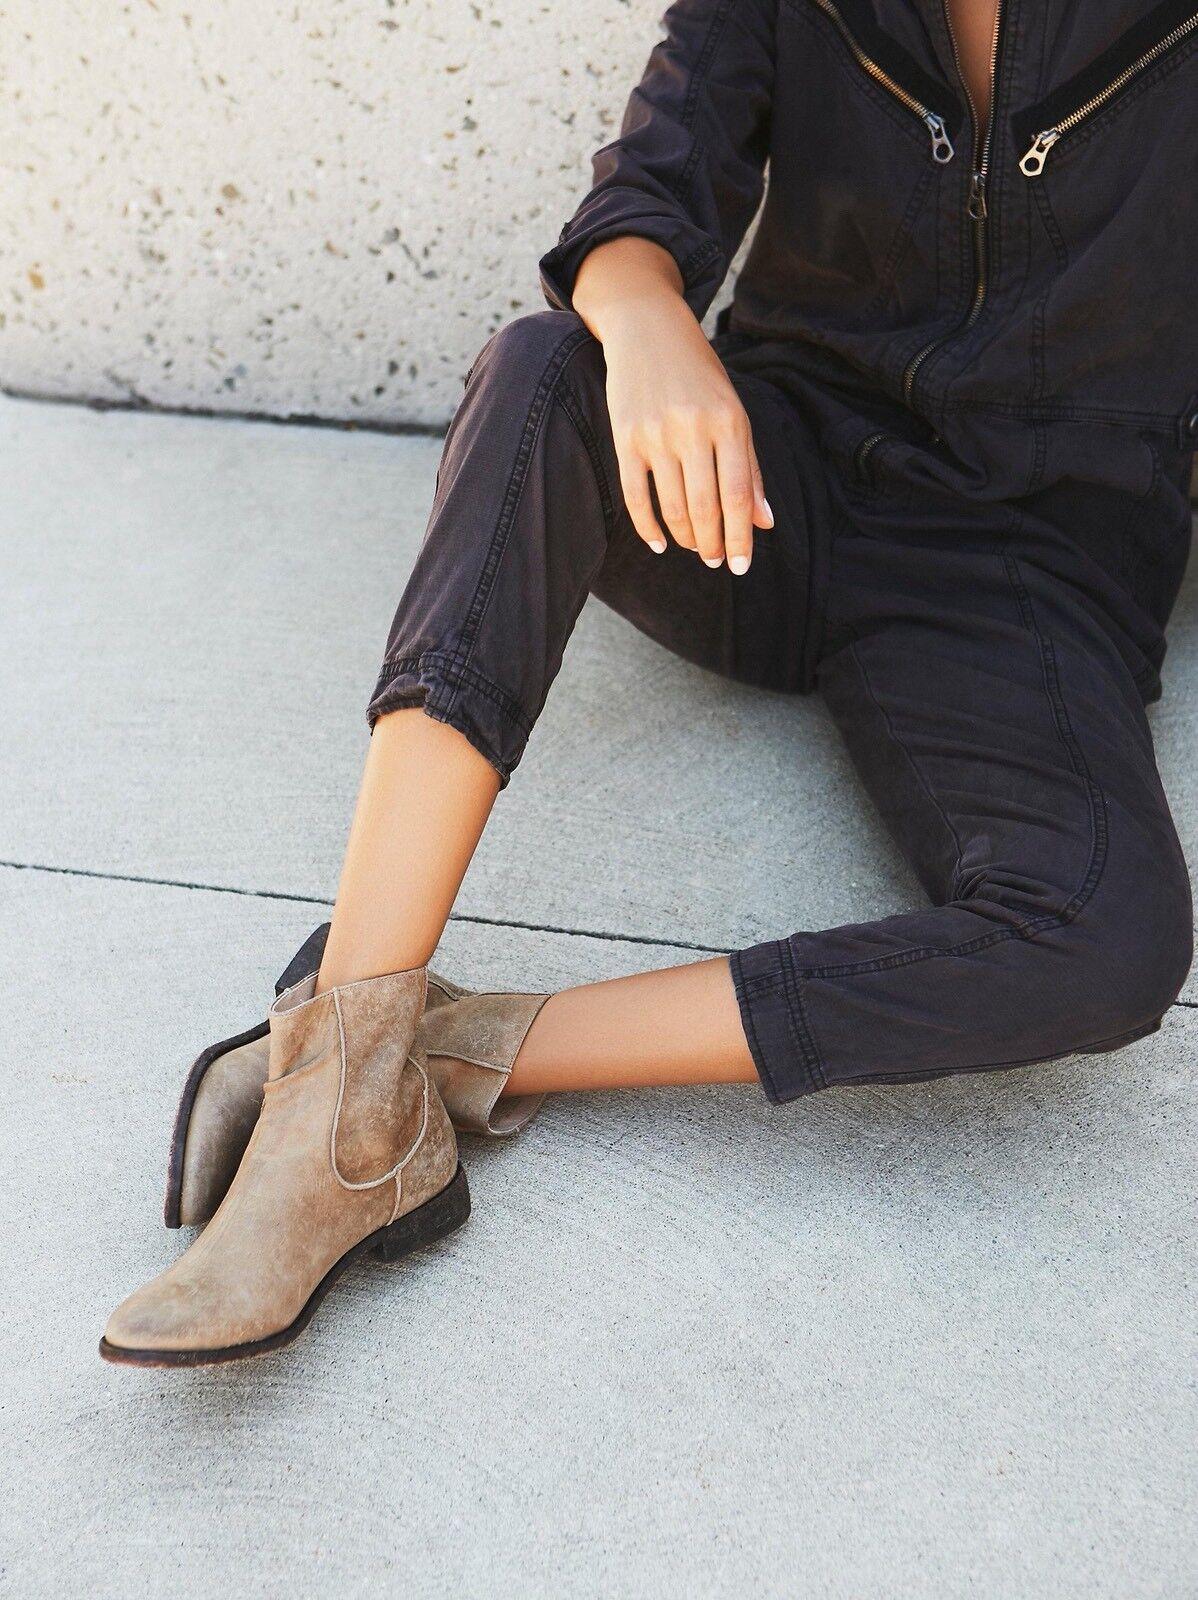 vanno a ruba Free People Canyon Lands Ankle avvio Dimensione 6.5 NEW NEW NEW Leather MSRP   245 Matisse  consegna e reso gratuiti